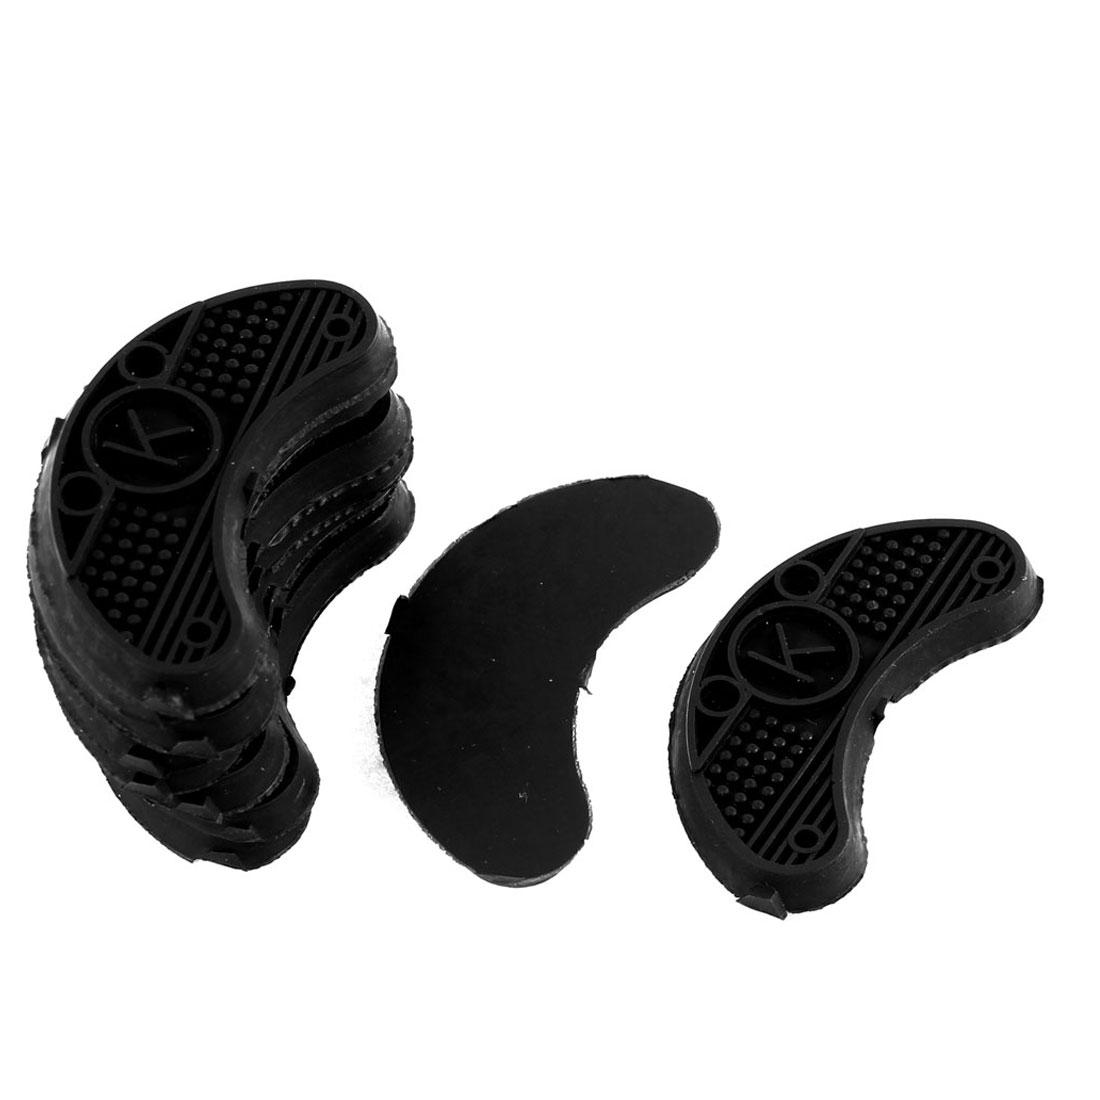 Nonslip Rubber Shoes Heels Sole Guard Plates Taps Black 10Pcs